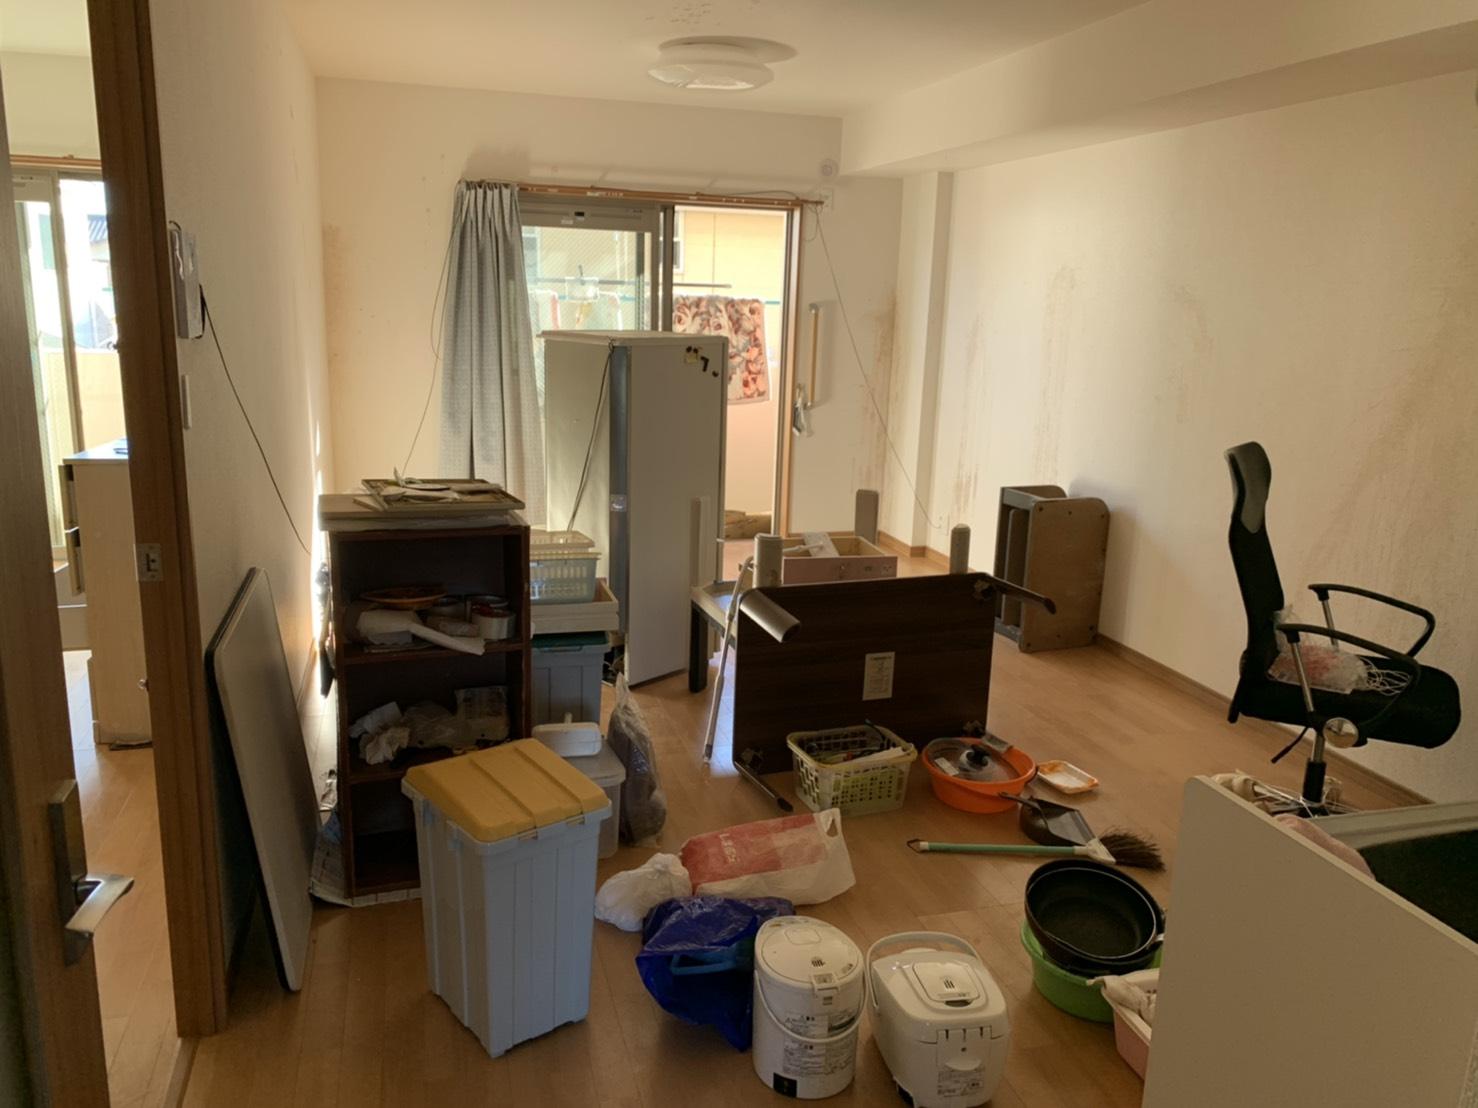 炊飯器、ポッド、冷蔵庫、カラーボックス、ワークチェアの回収前